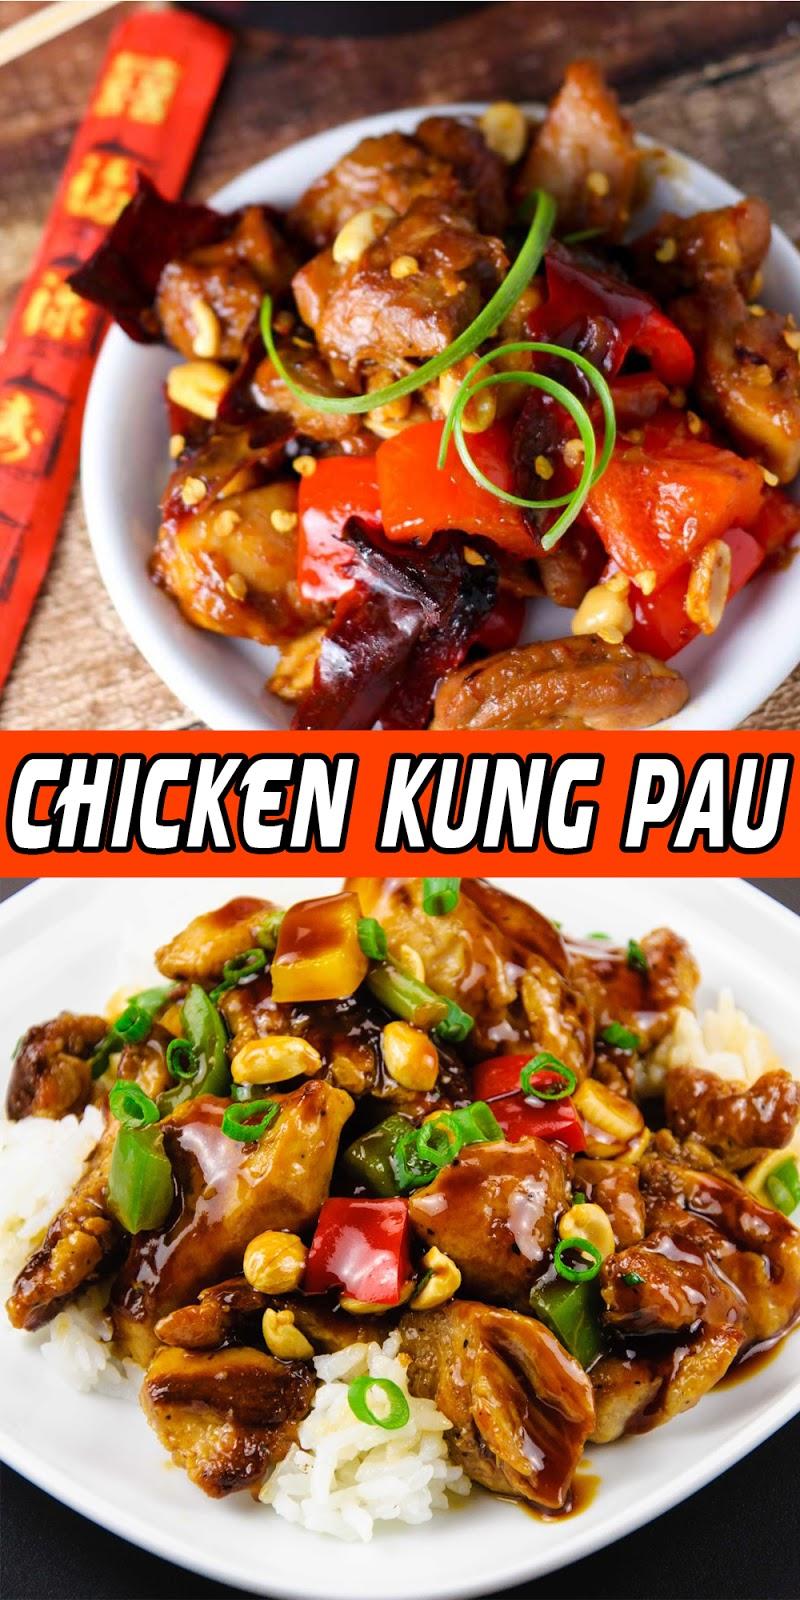 CHICKEN KUNG PAU